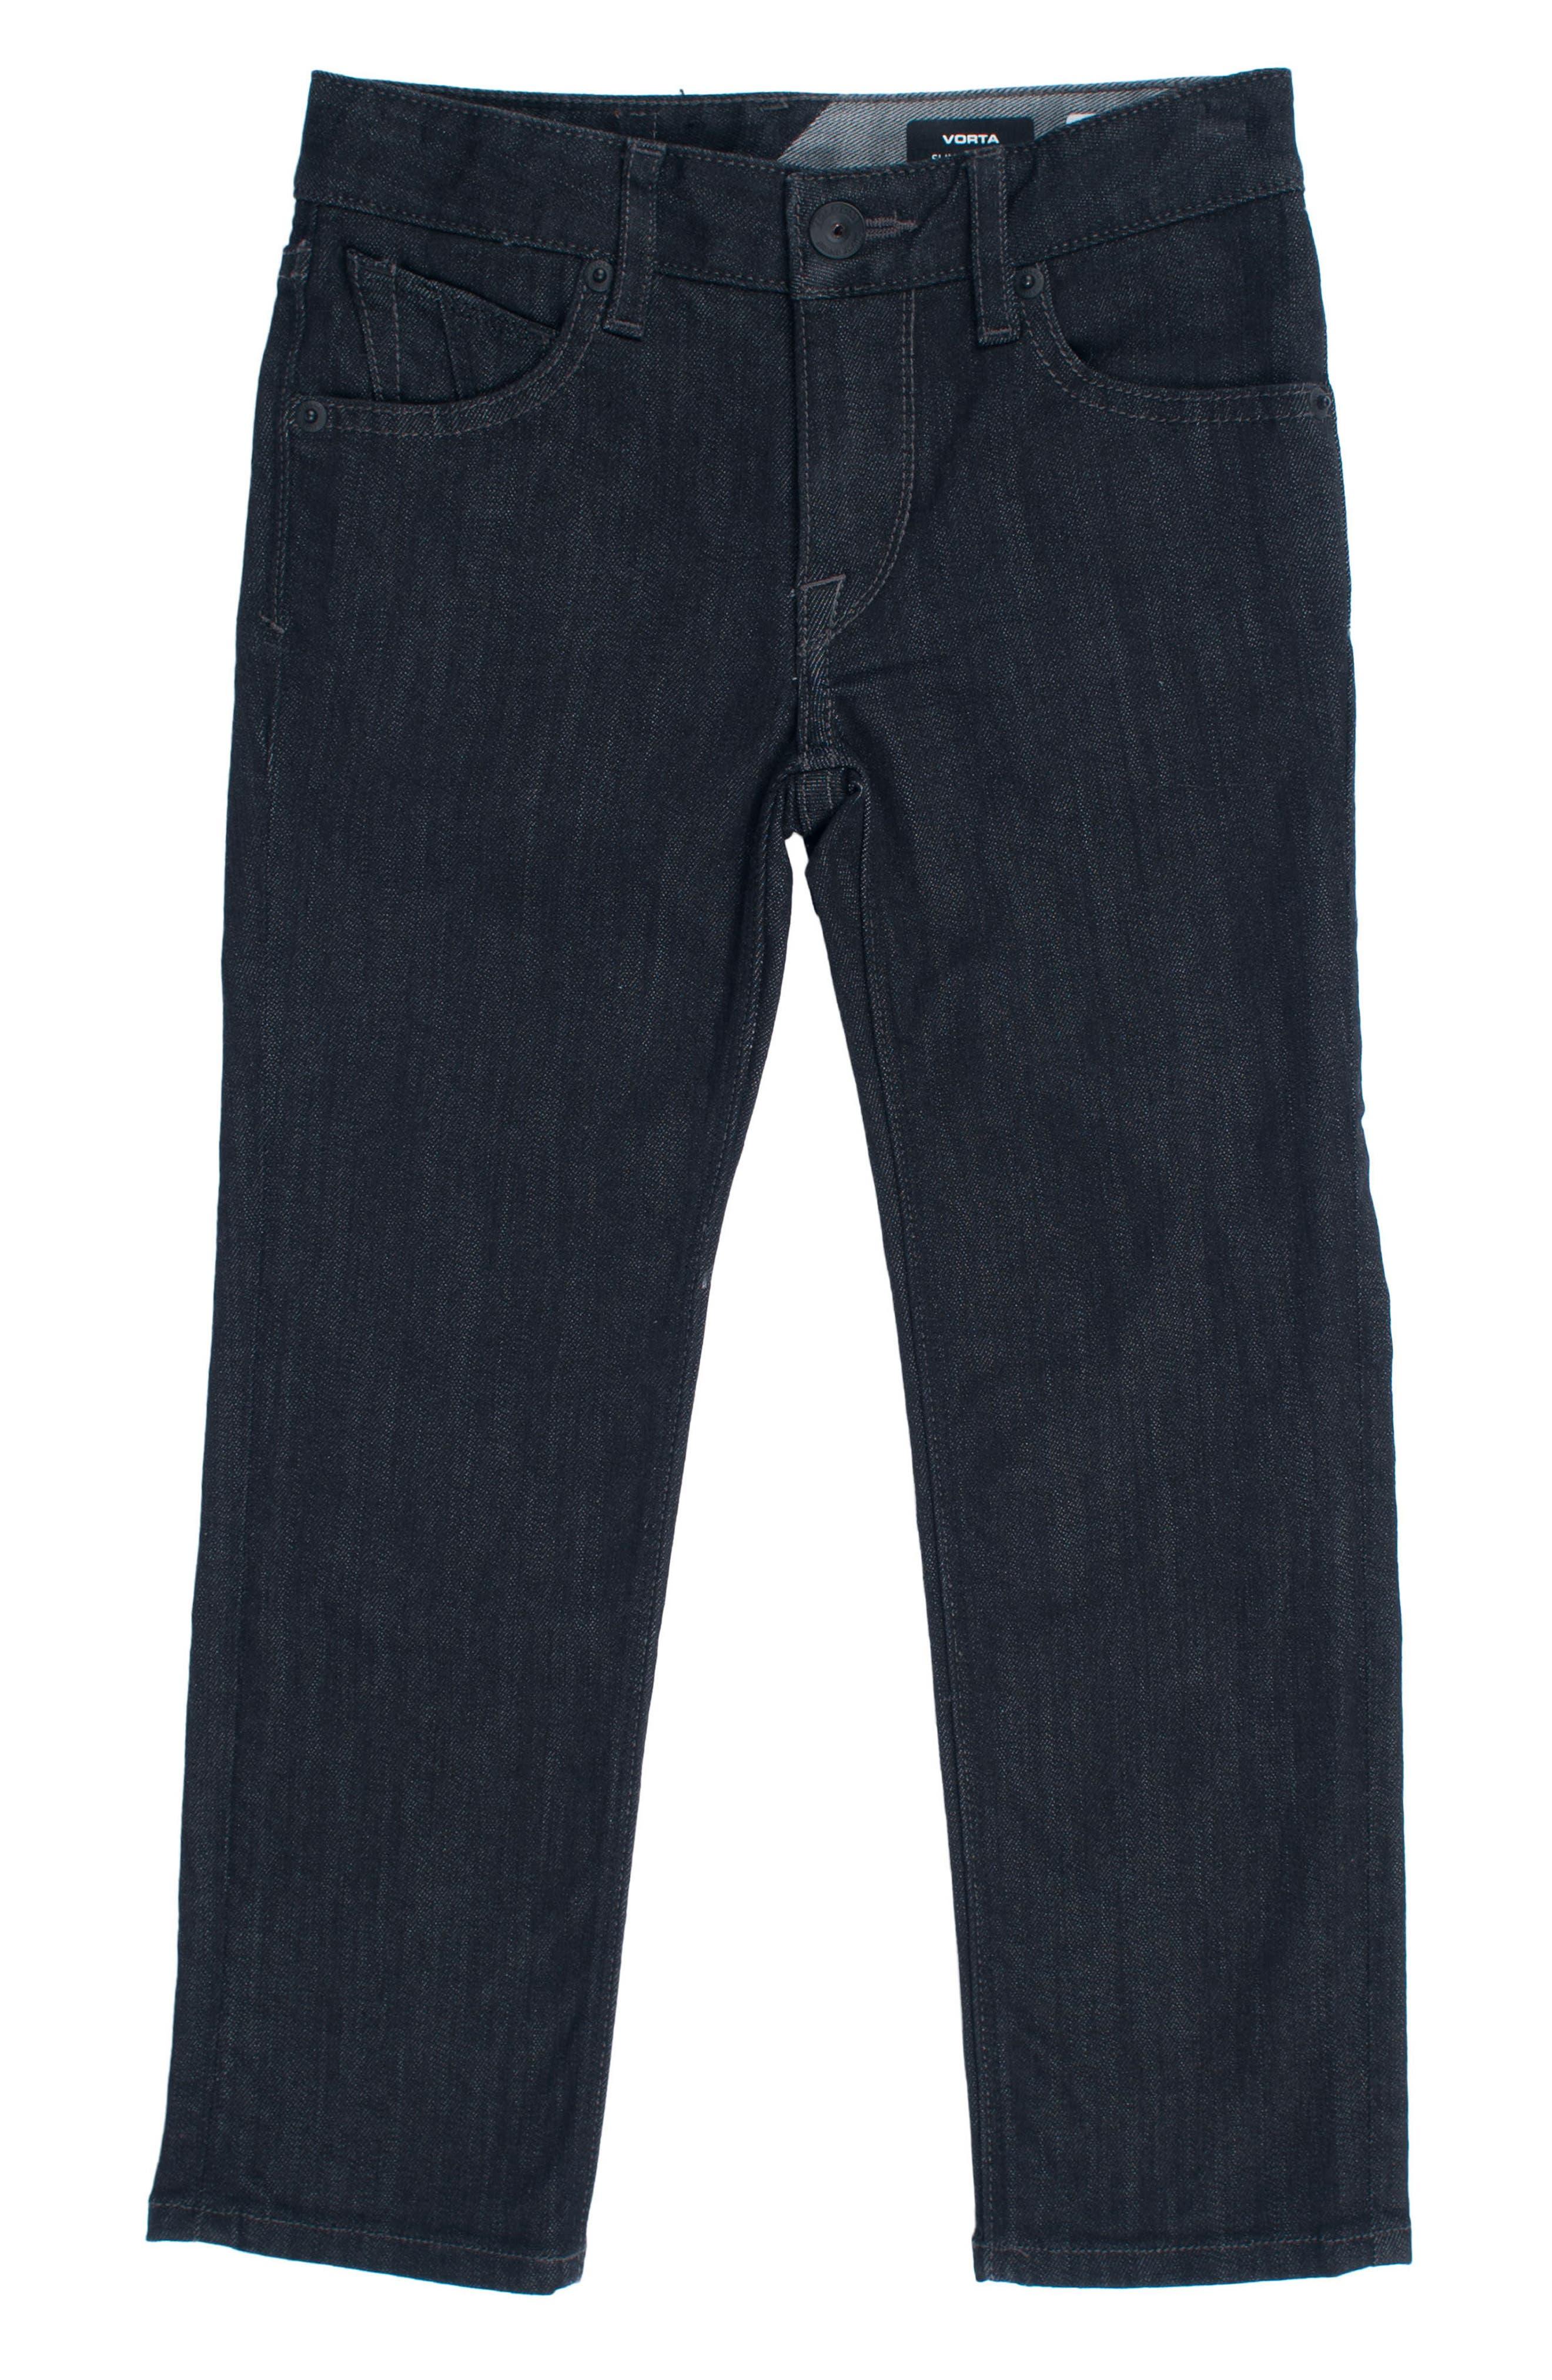 Vorta Slim Fit Jeans,                             Main thumbnail 1, color,                             005